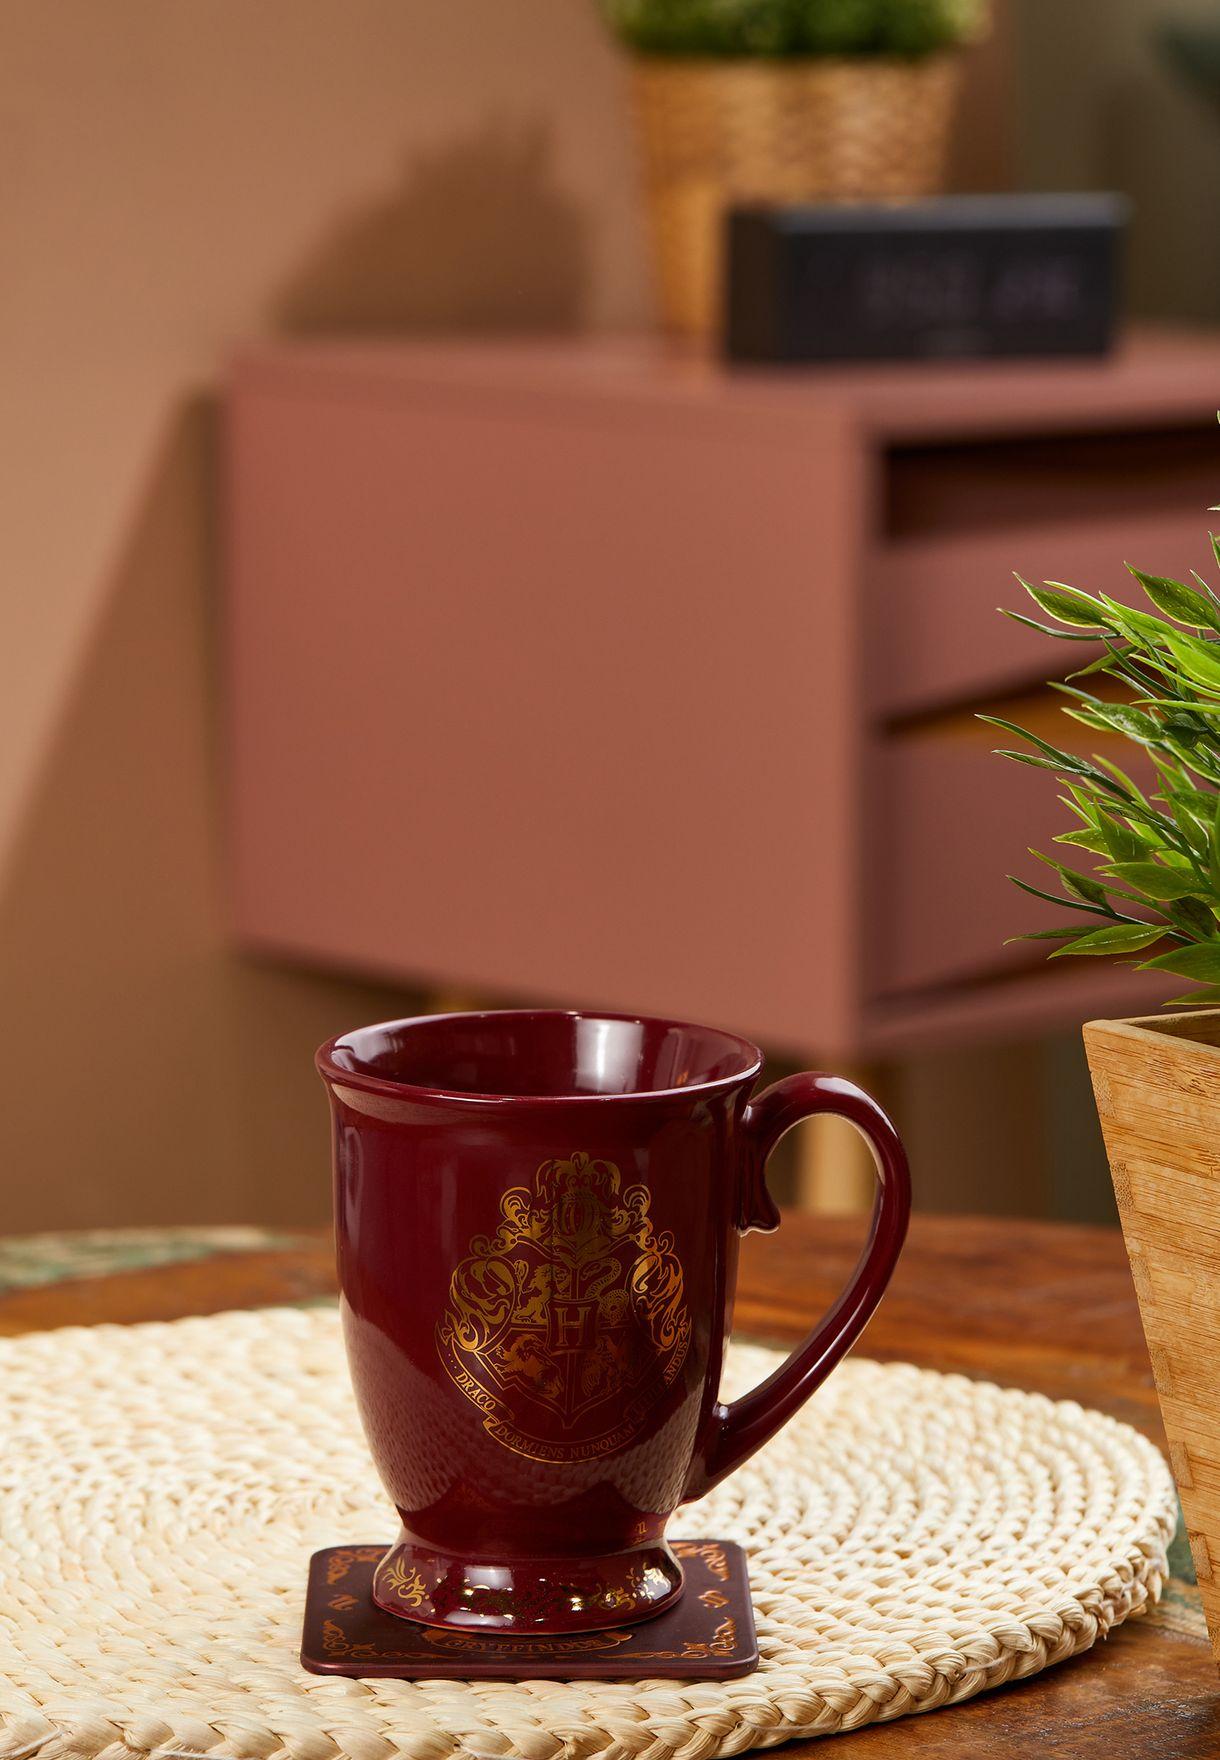 فنجان قهوة بتصميم هاري بوتر